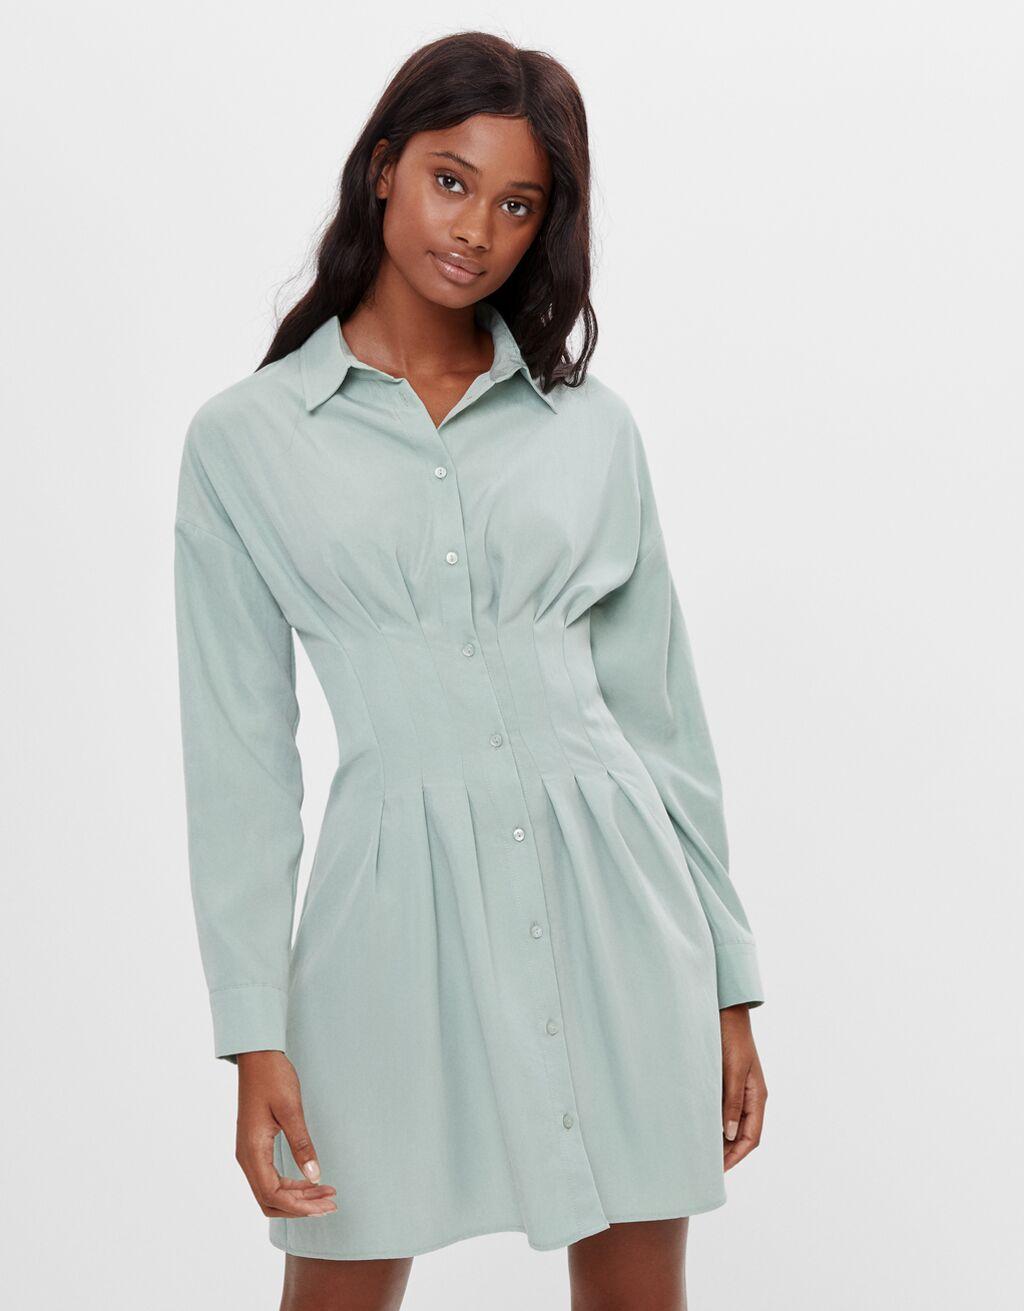 Hemdkleid Zierfalten - Kleider - Damen